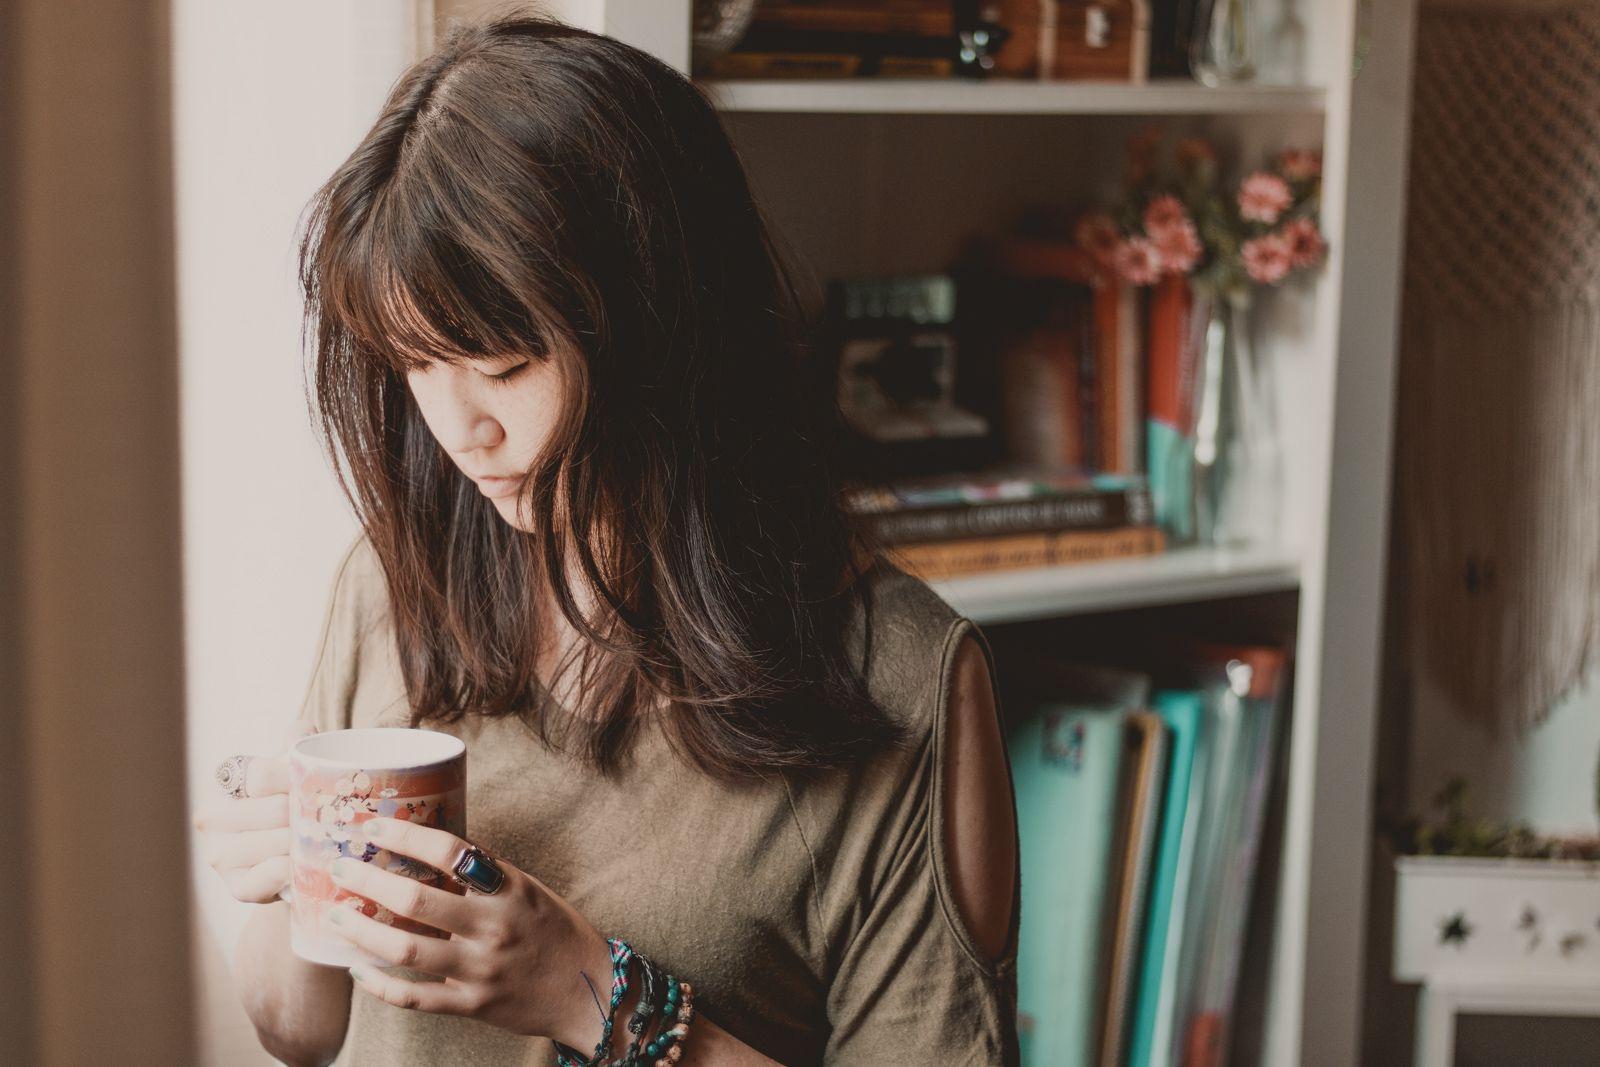 Será que eu sou introvertido? | TESTE